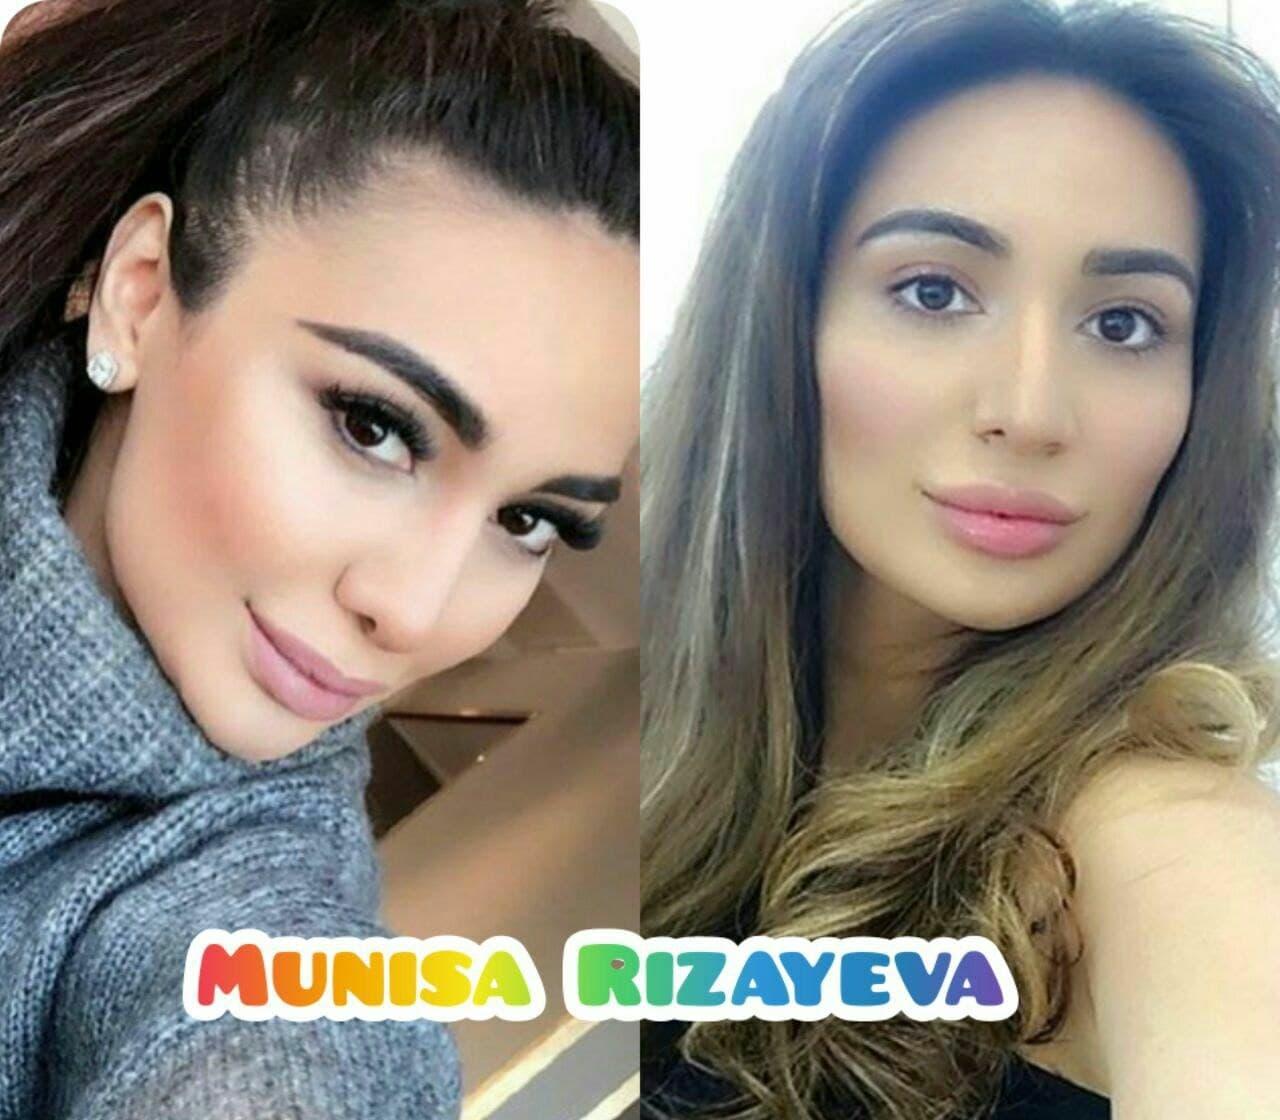 Munisa-Rizayeva-rasmlari